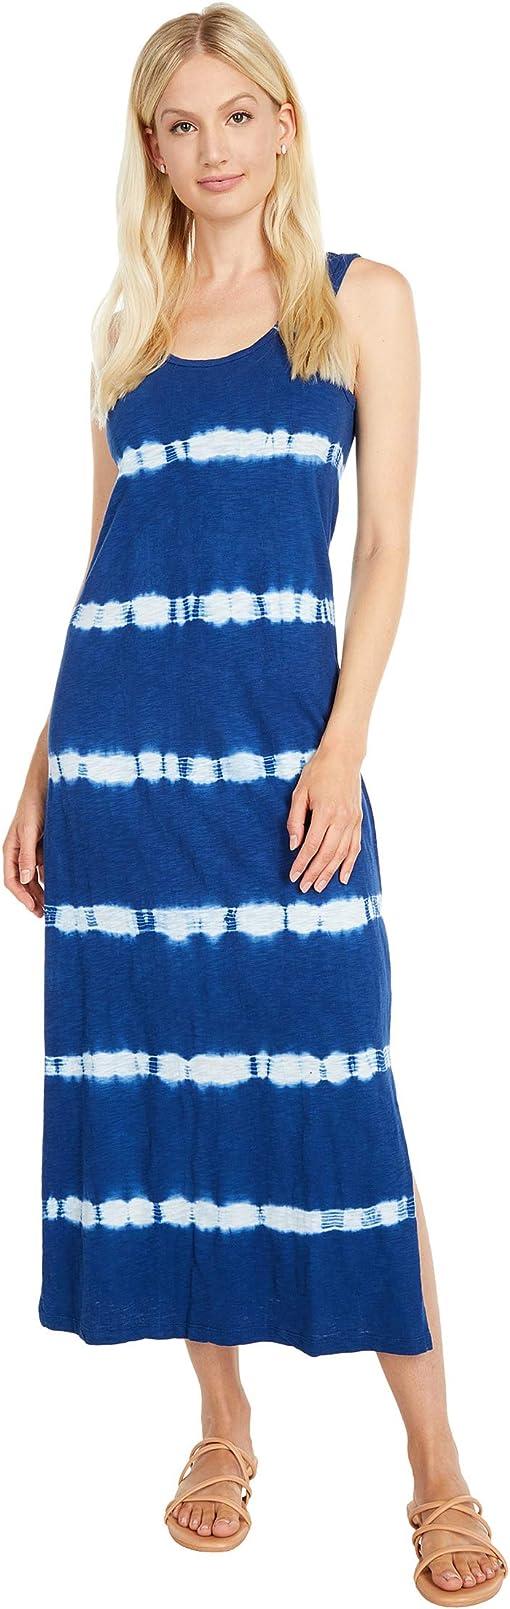 Blue Tie-Dye Stripe